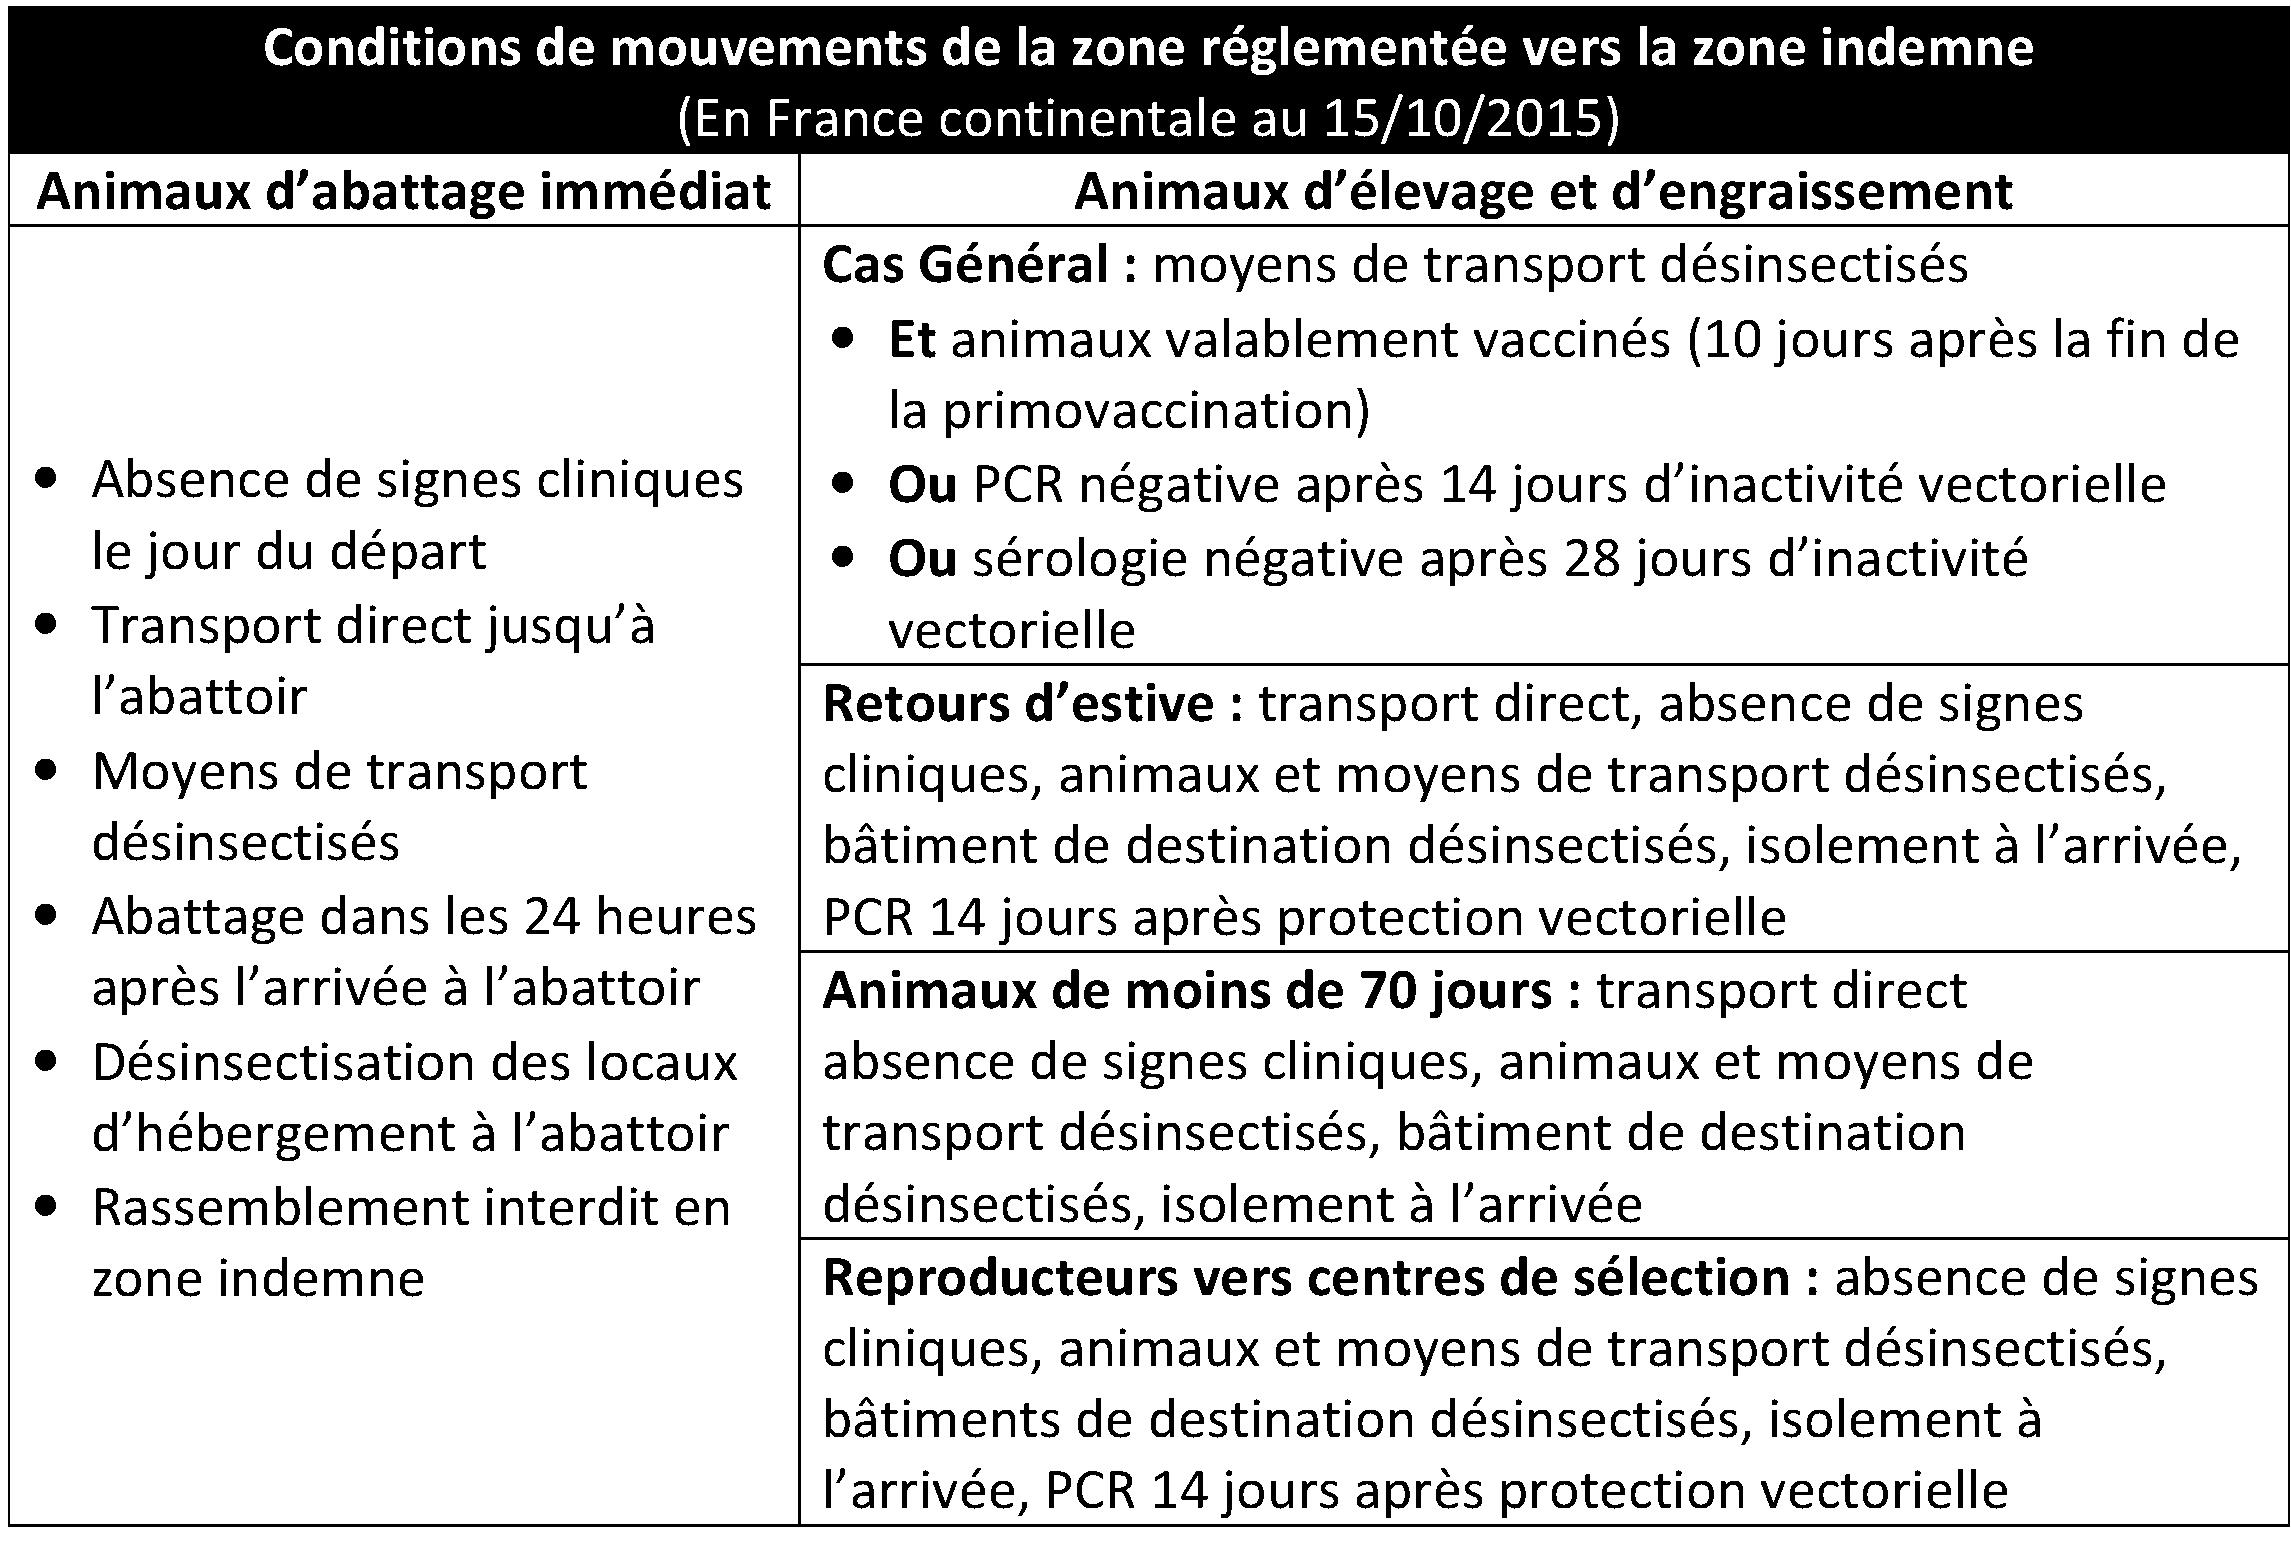 https://www.gdscreuse.fr/wp-content/uploads/2015/10/2015-10-15-Conditions-de-mouvements-de-ZR-vers-ZI.jpg